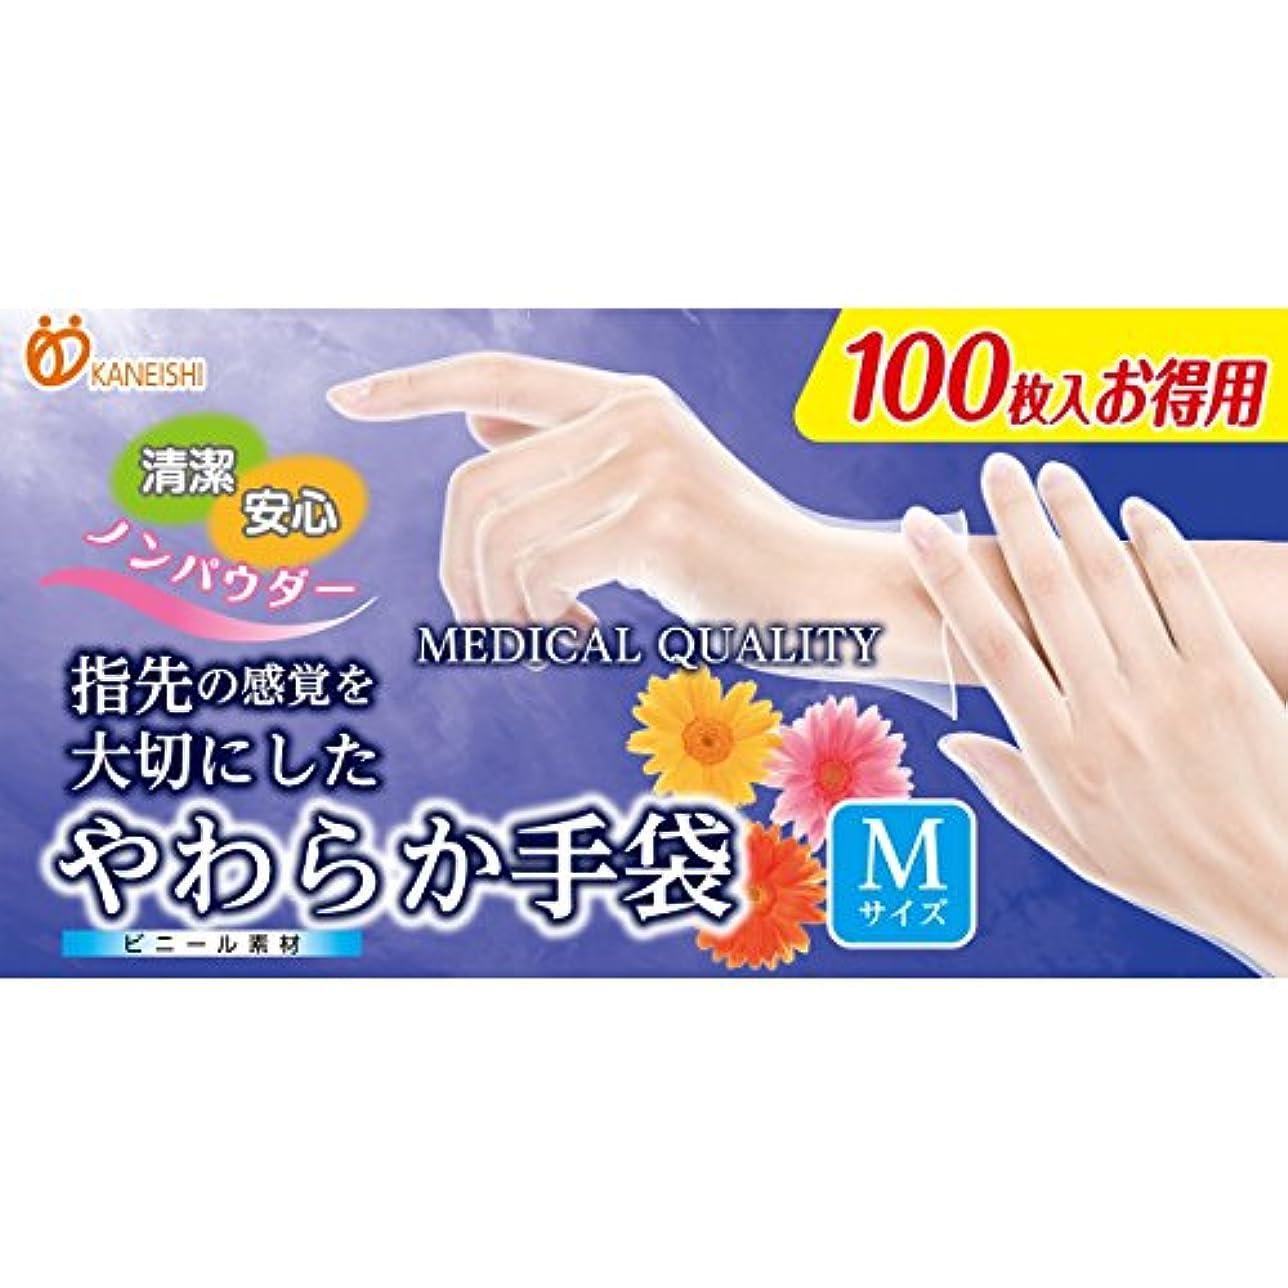 器具進むコントラストやわらか手袋 ビニール素材 Mサイズ 100枚入